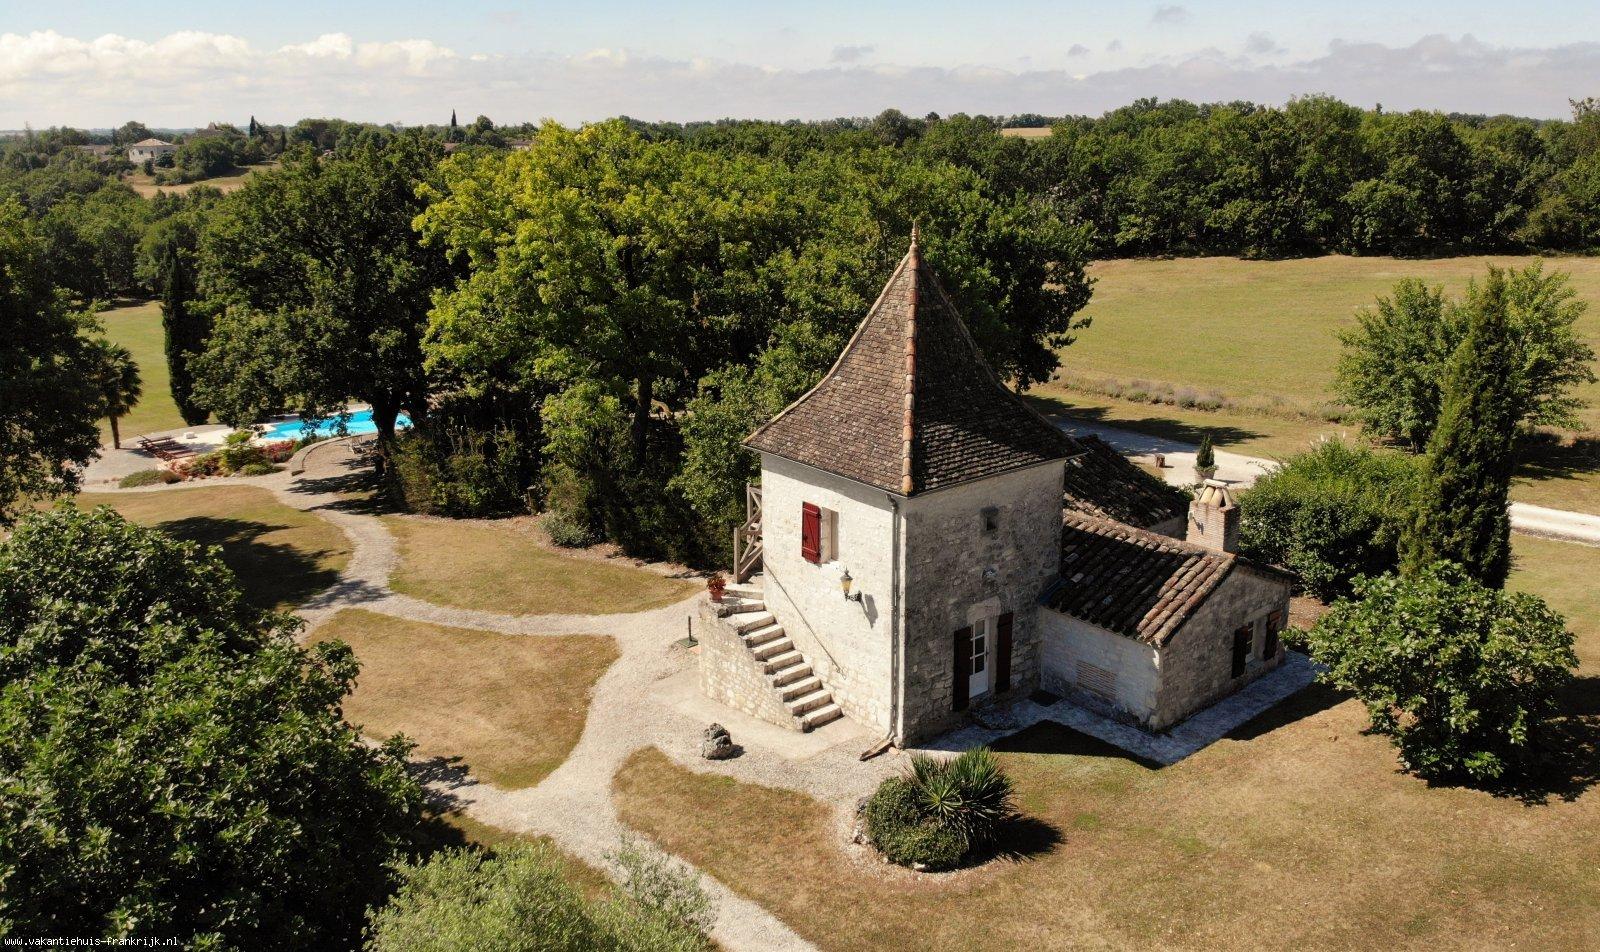 Vakantiehuis: Torenhuisje voor 4 personen met riant zwembad in prachtig natuurgebied. Negen holes golf op eigen terrein, geen greenfee! Flatscreen TV, gratis WIFI! te huur voor uw vakantie in Lot (Frankrijk)